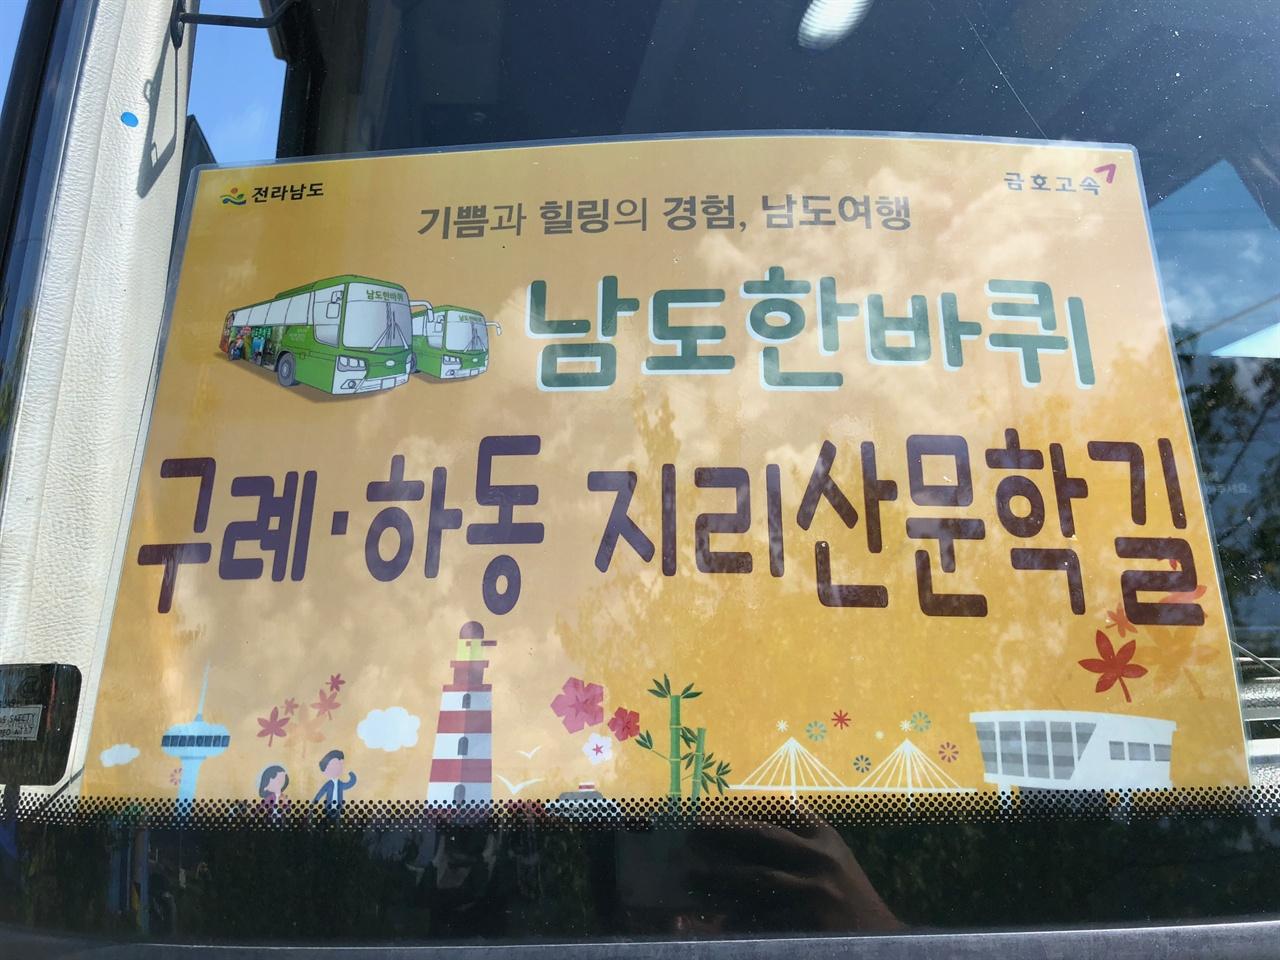 남도한바퀴 구례 하동 지리산문학길